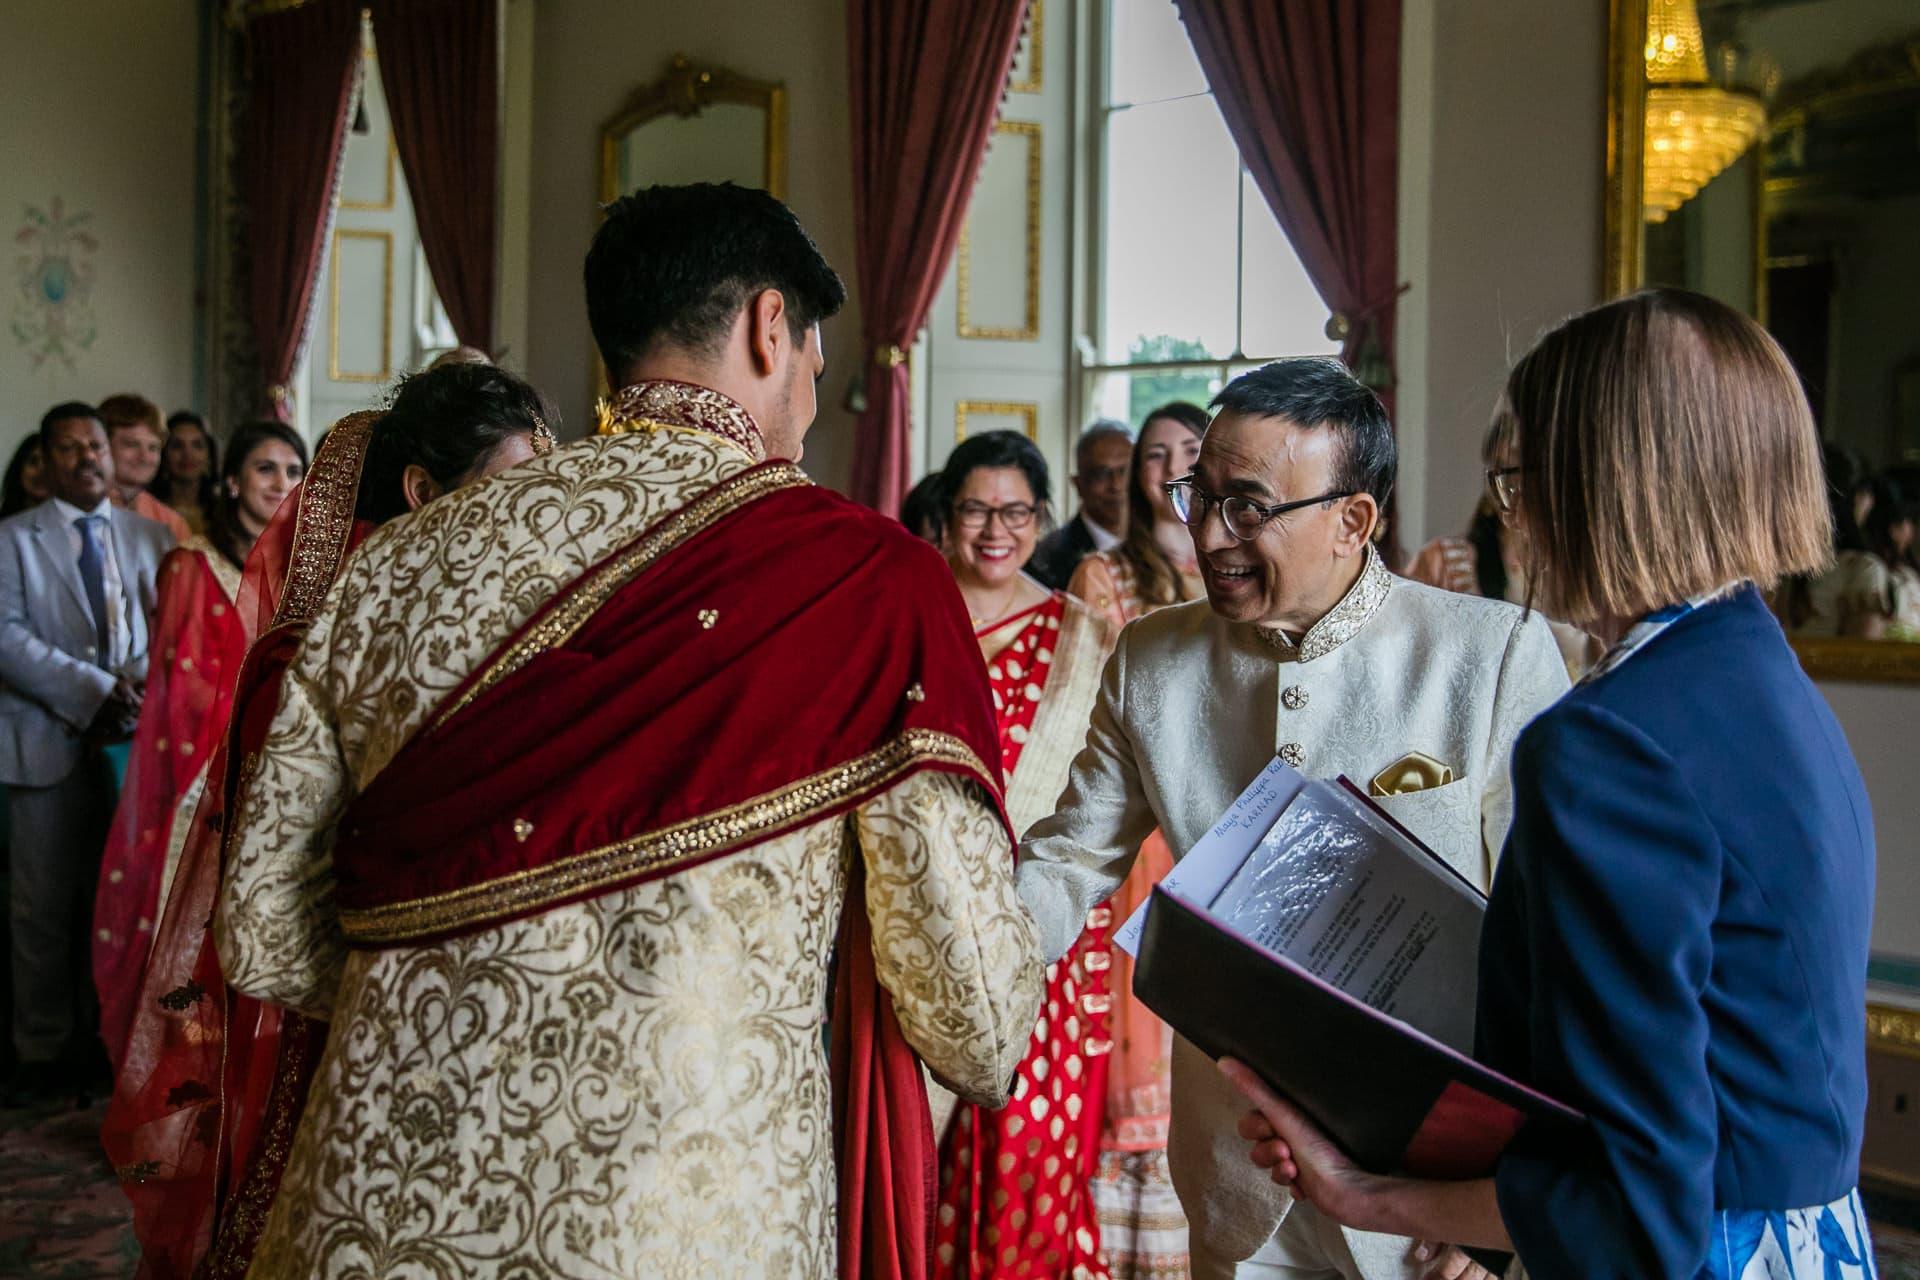 Civil ceremony at Hylands Estate